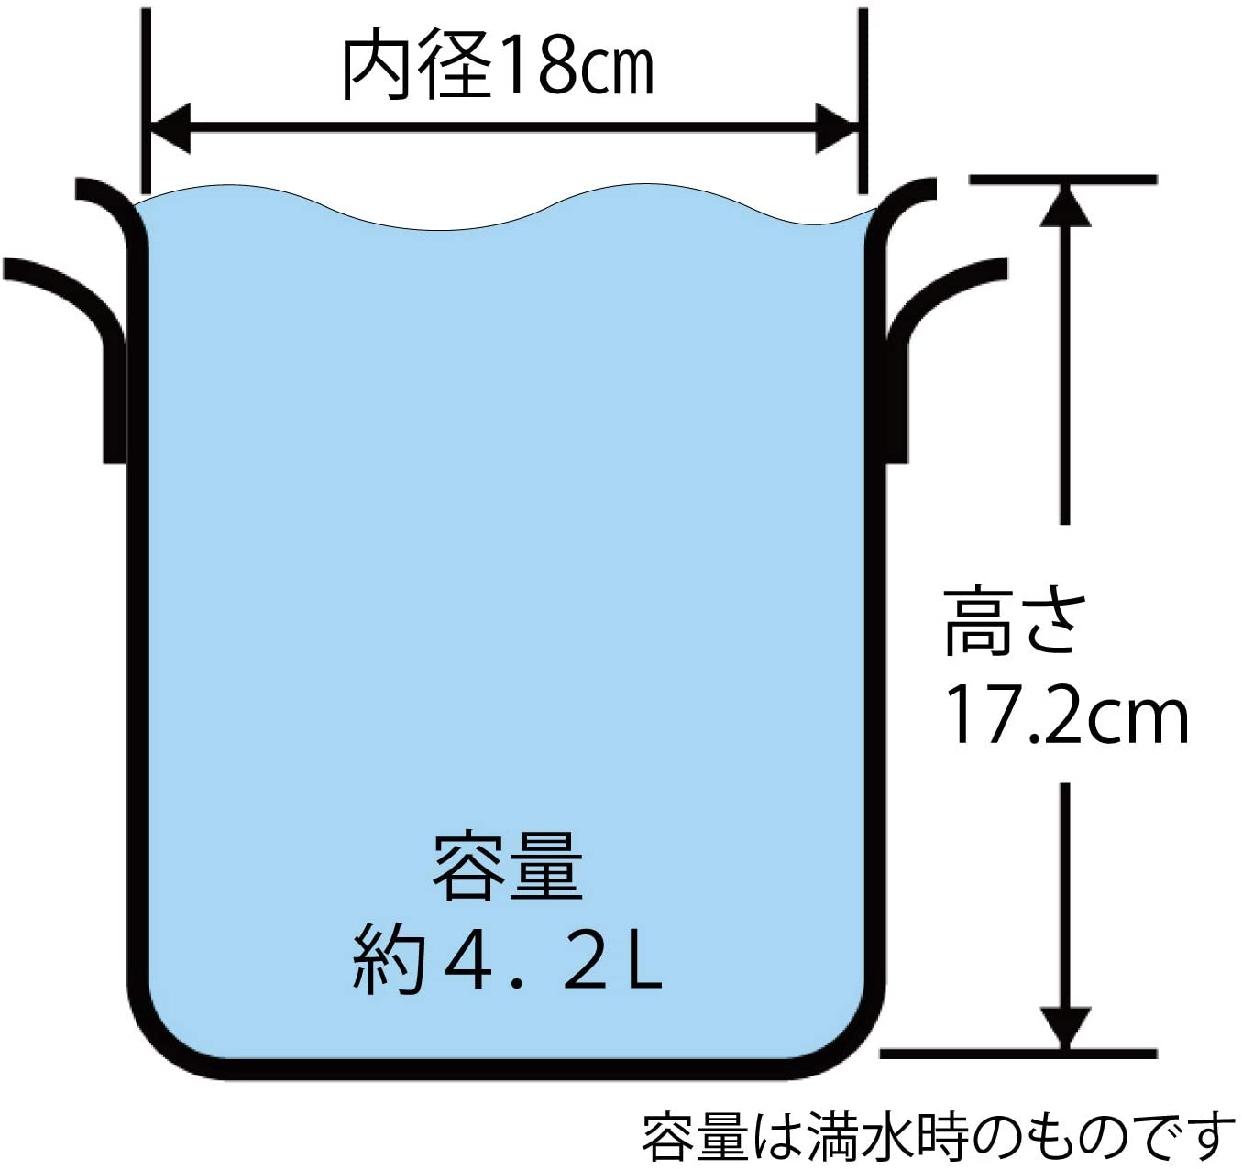 PRO SELECT(プロセレクト) 【GAS】寸胴鍋 18cm A1520018の商品画像2